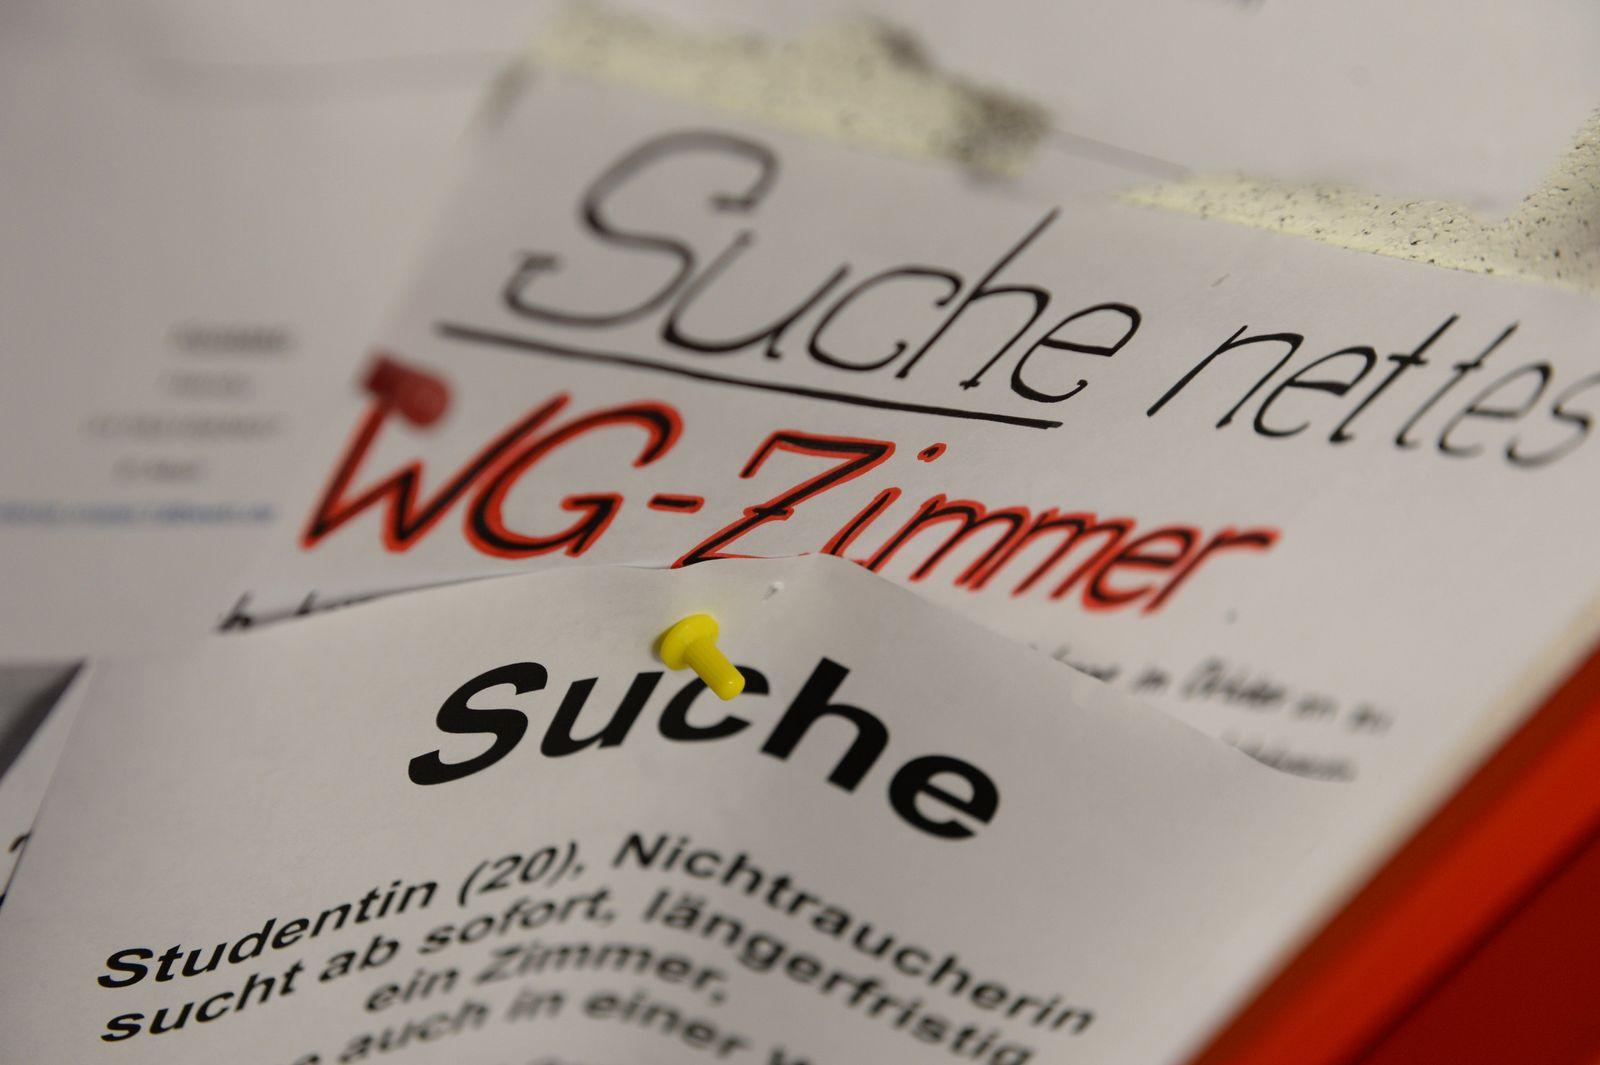 Wohnungssuche / Wohnungsnot / WG / Studenten